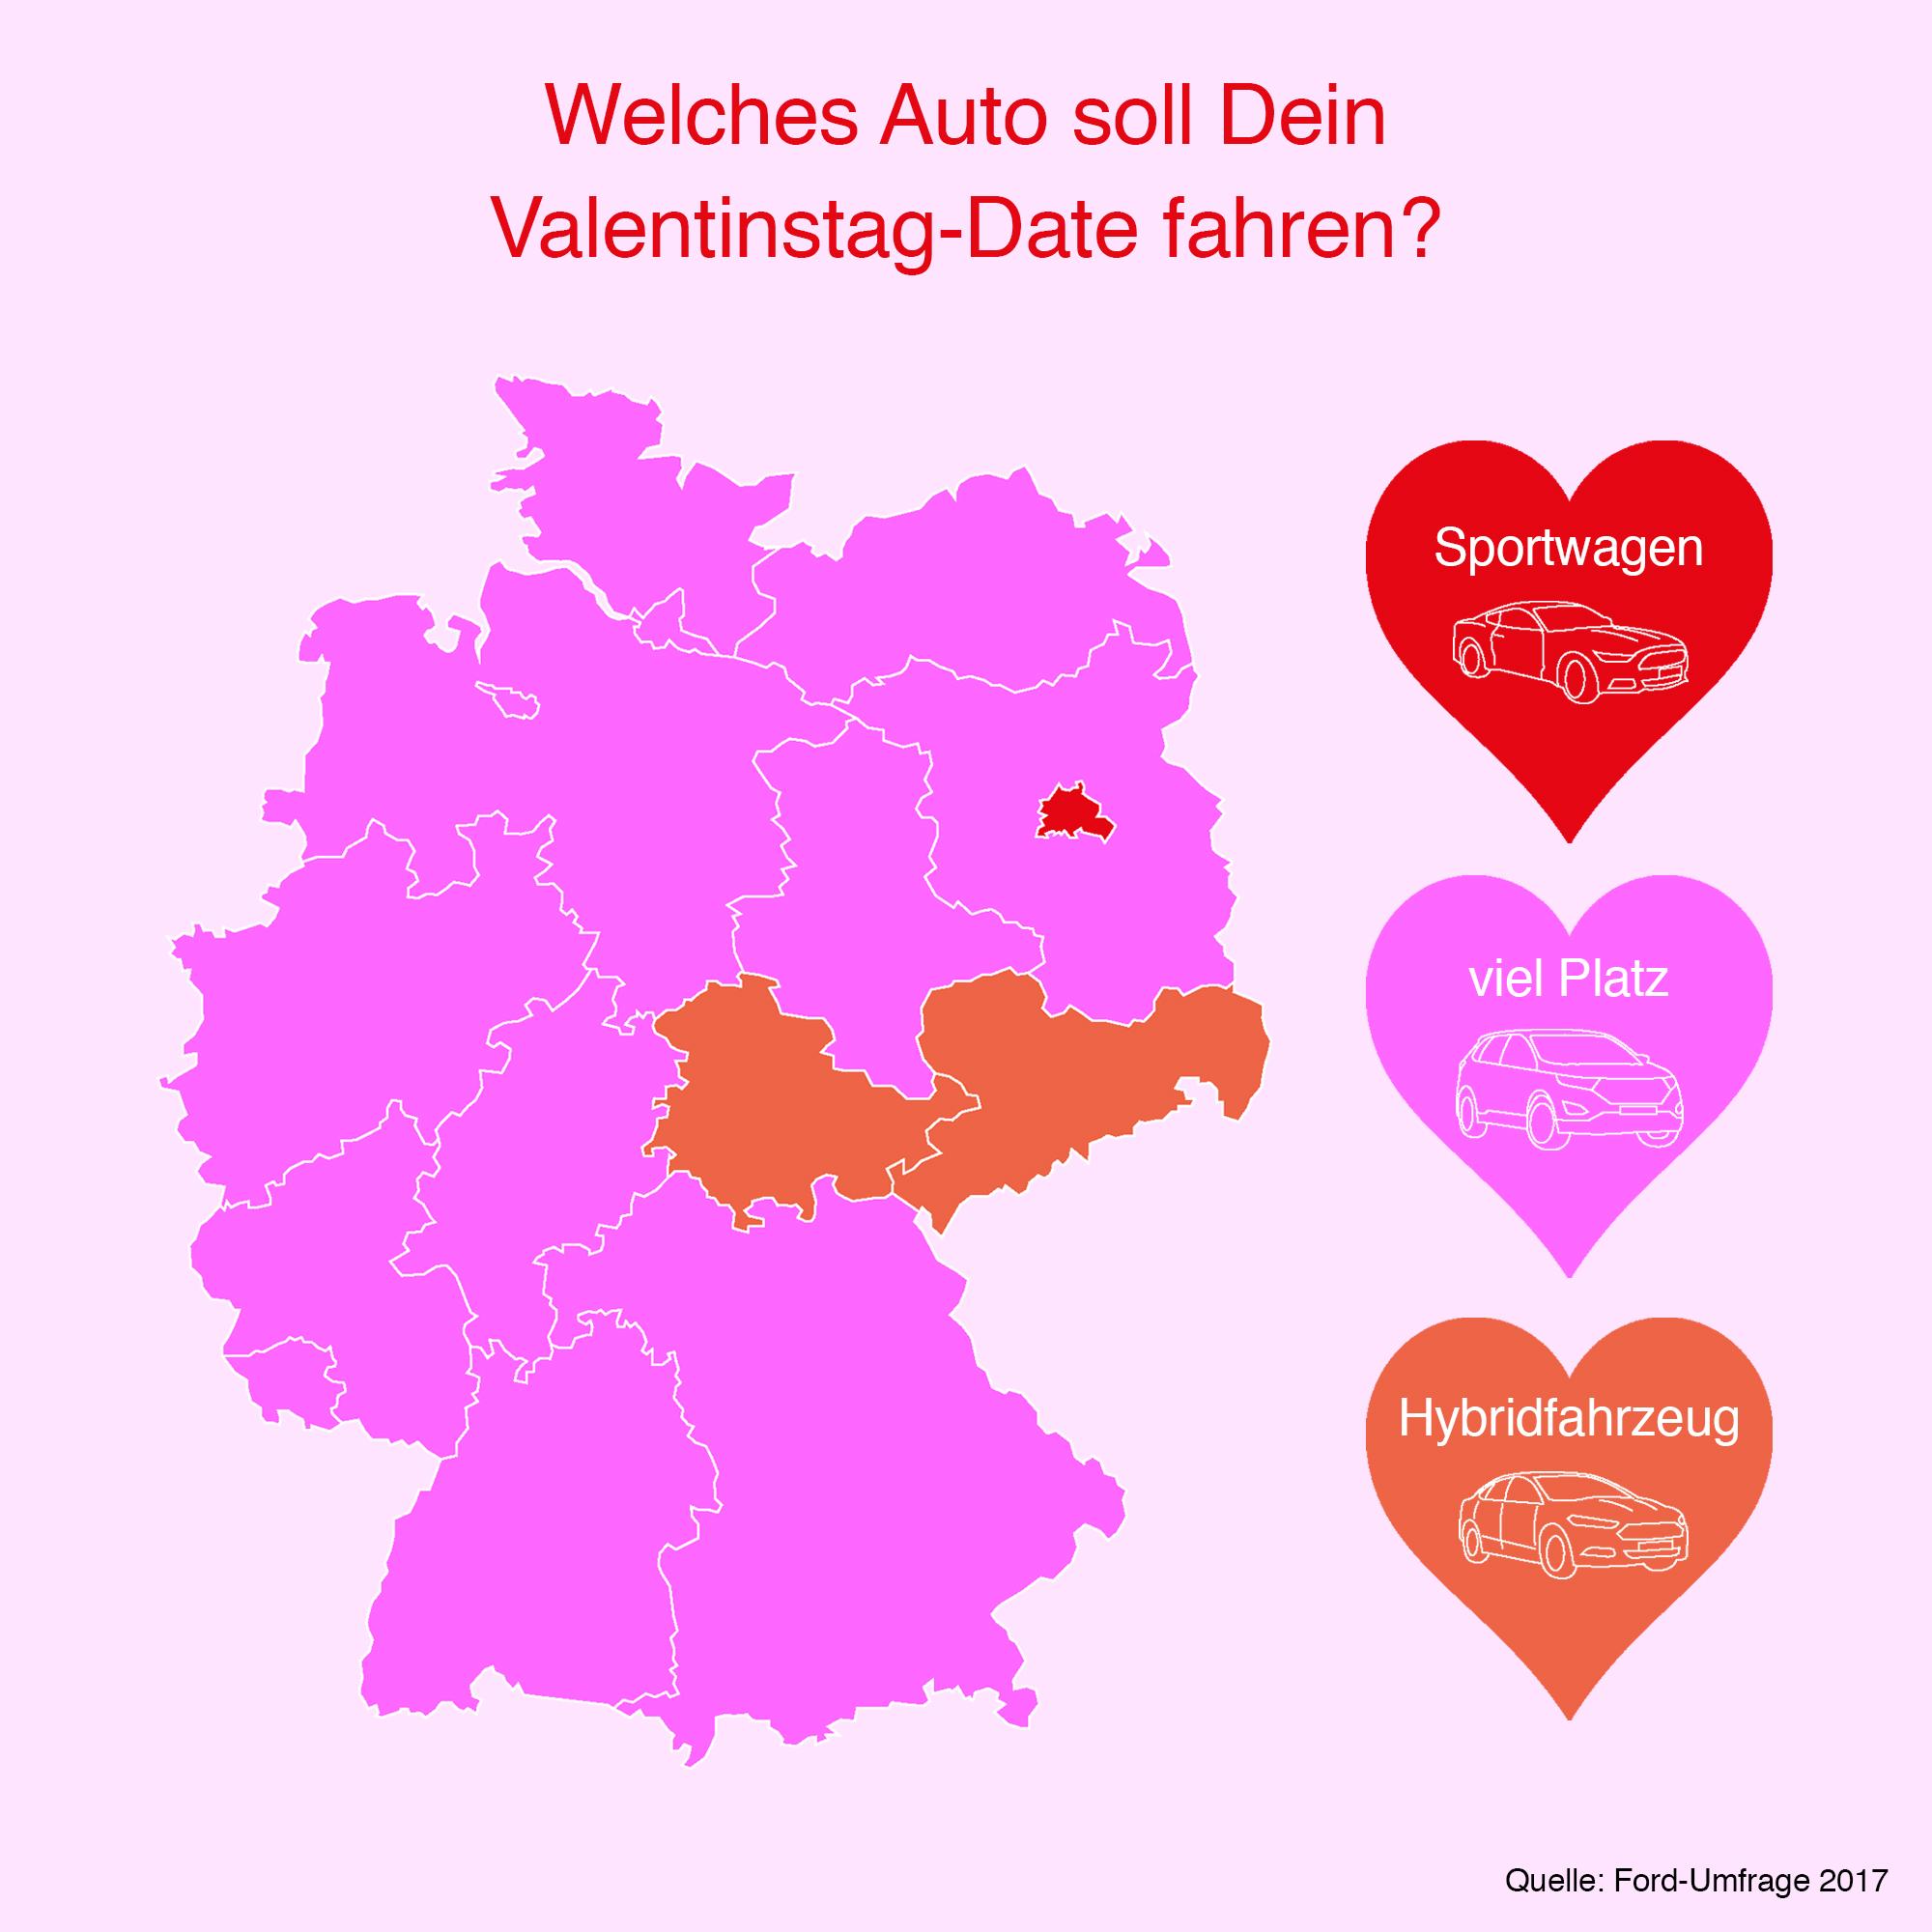 Valentinstag: Hässliche Autos Gefährden Das Perfekte Date |  Pressemitteilung Ford Werke GmbH